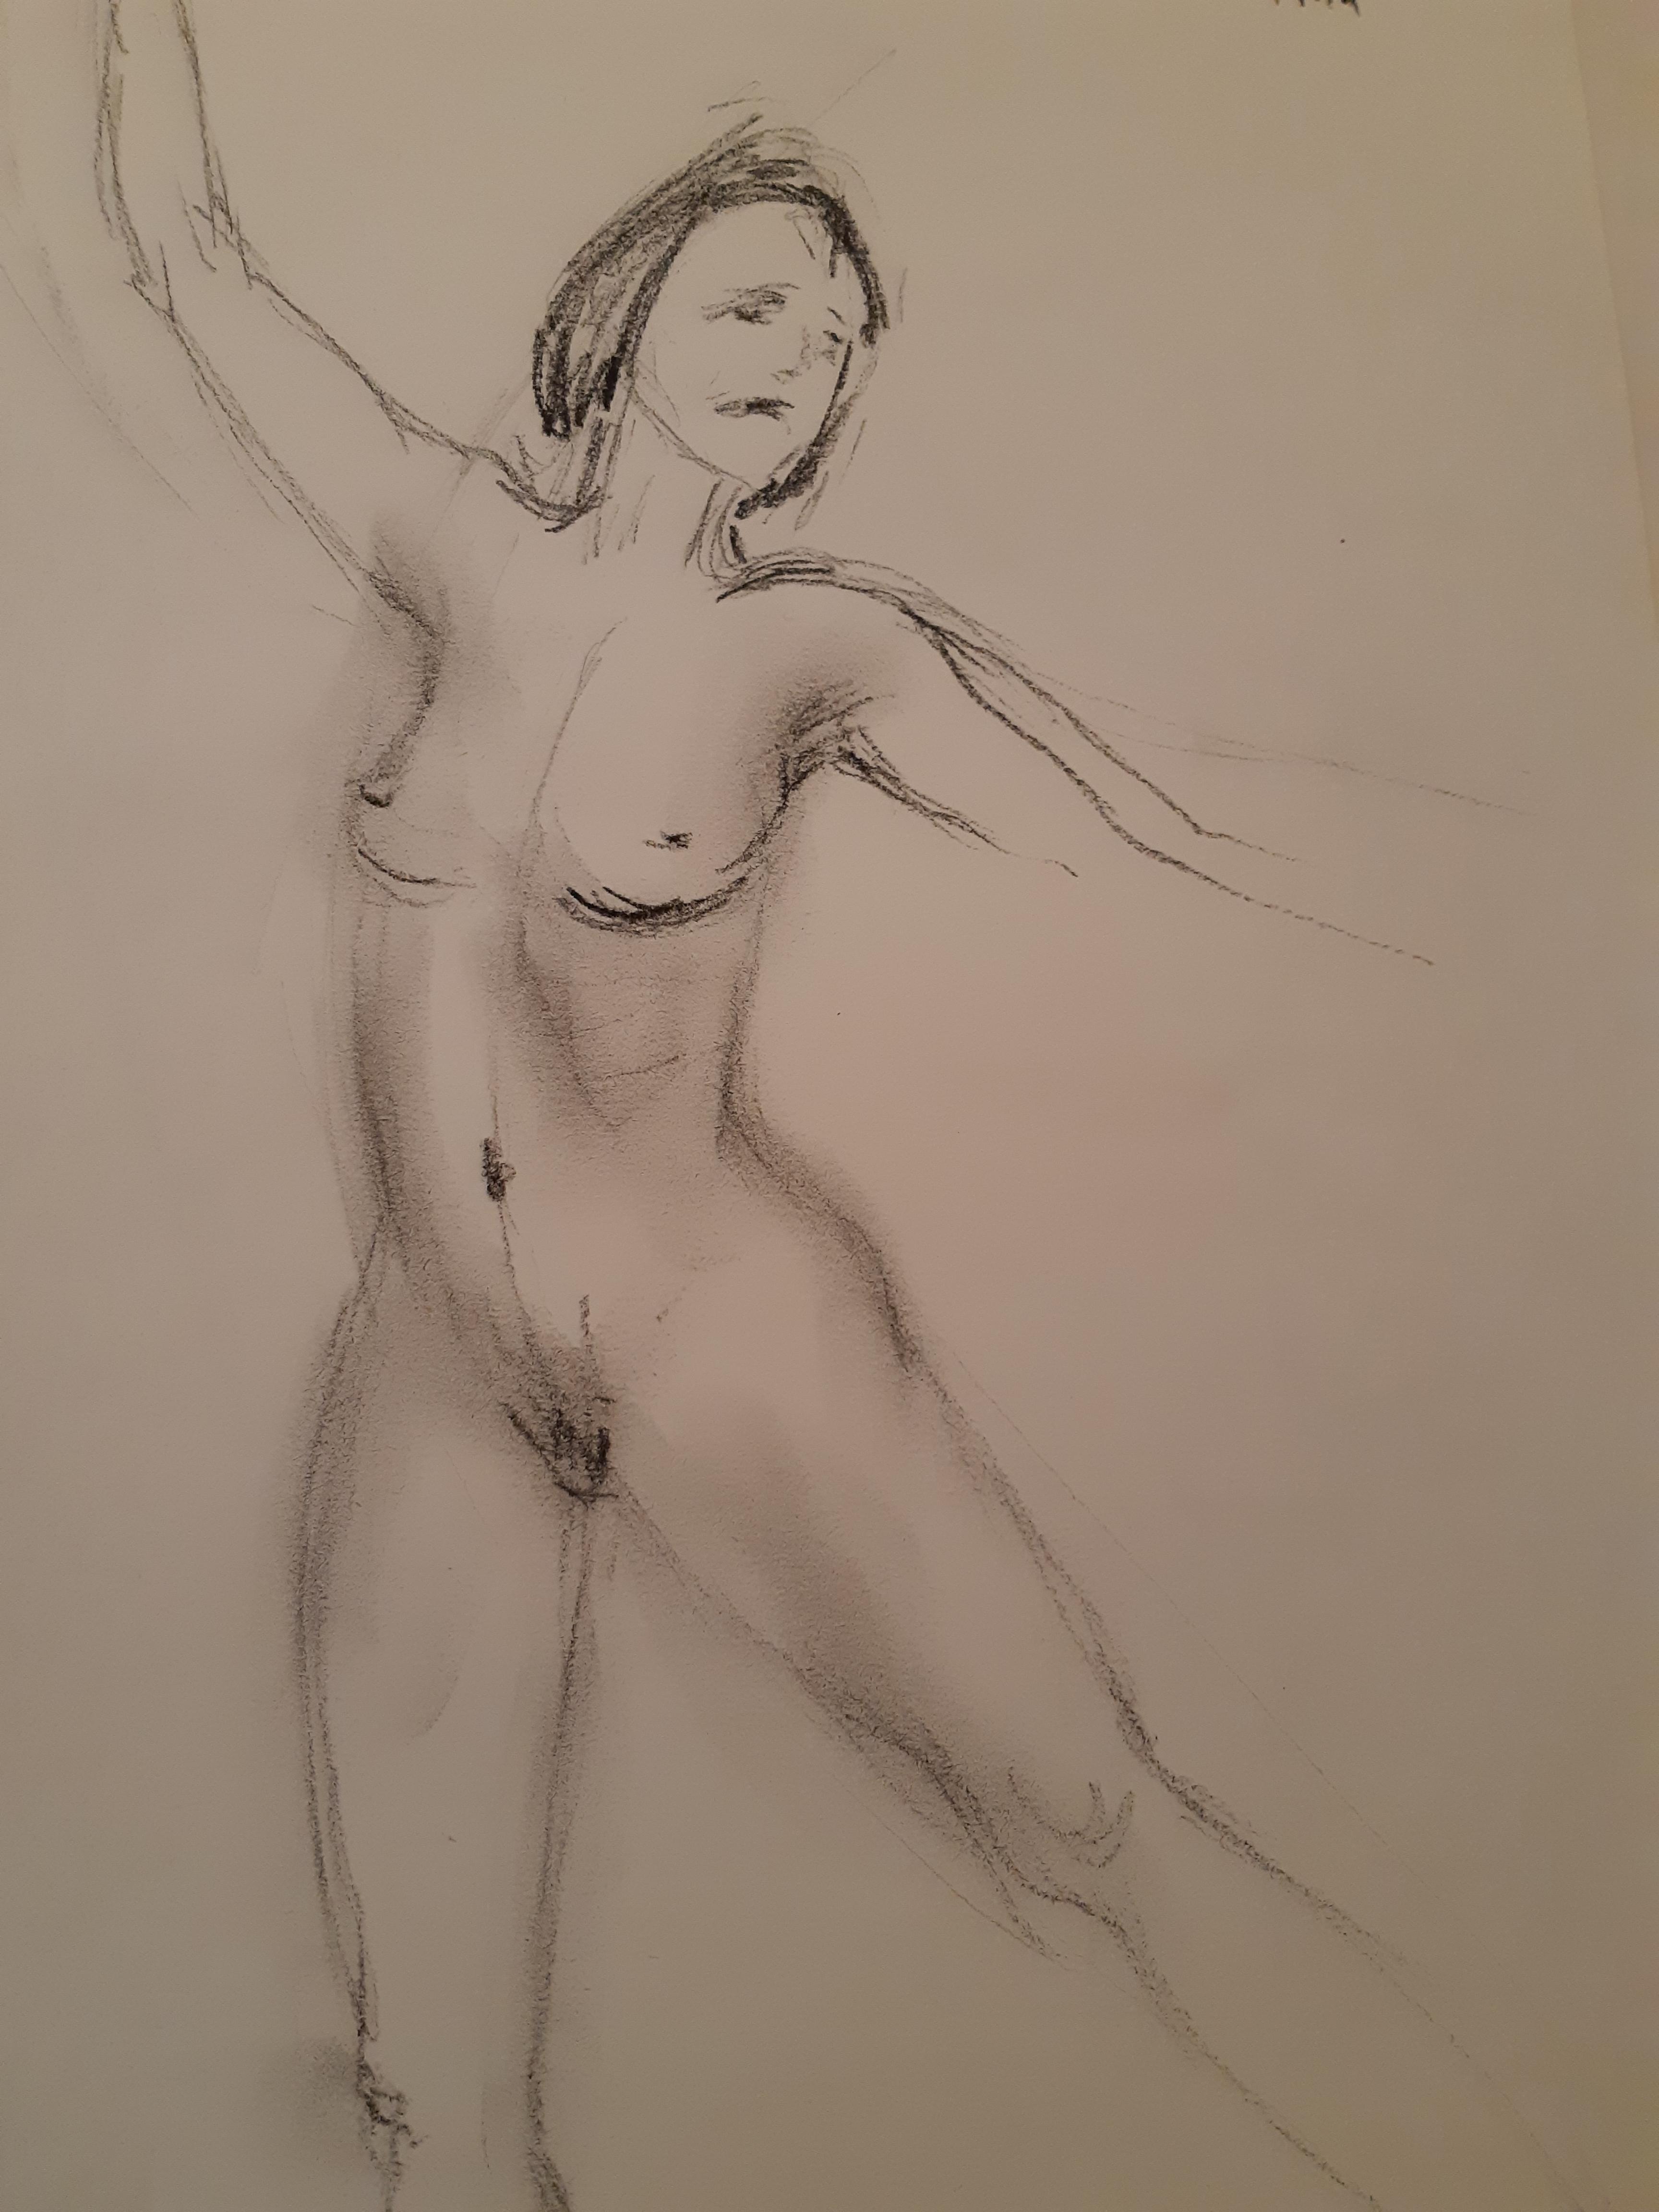 Danseuse fusain estompe trois quarts face femme  cours de dessin